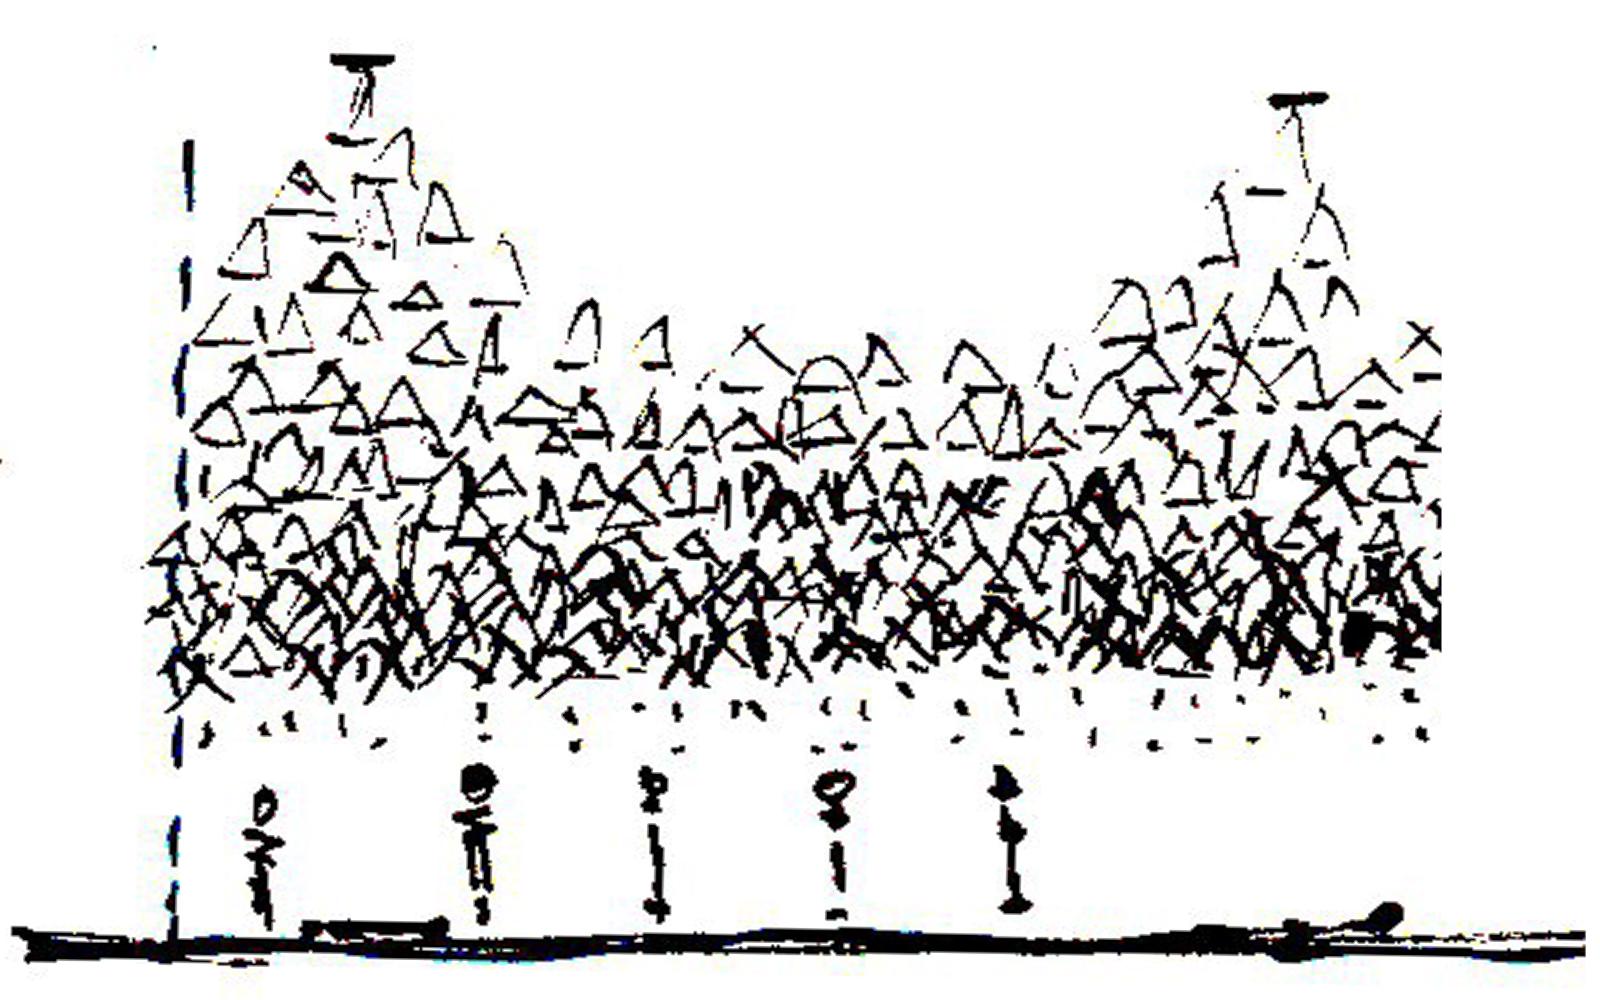 alex decicco, drawing